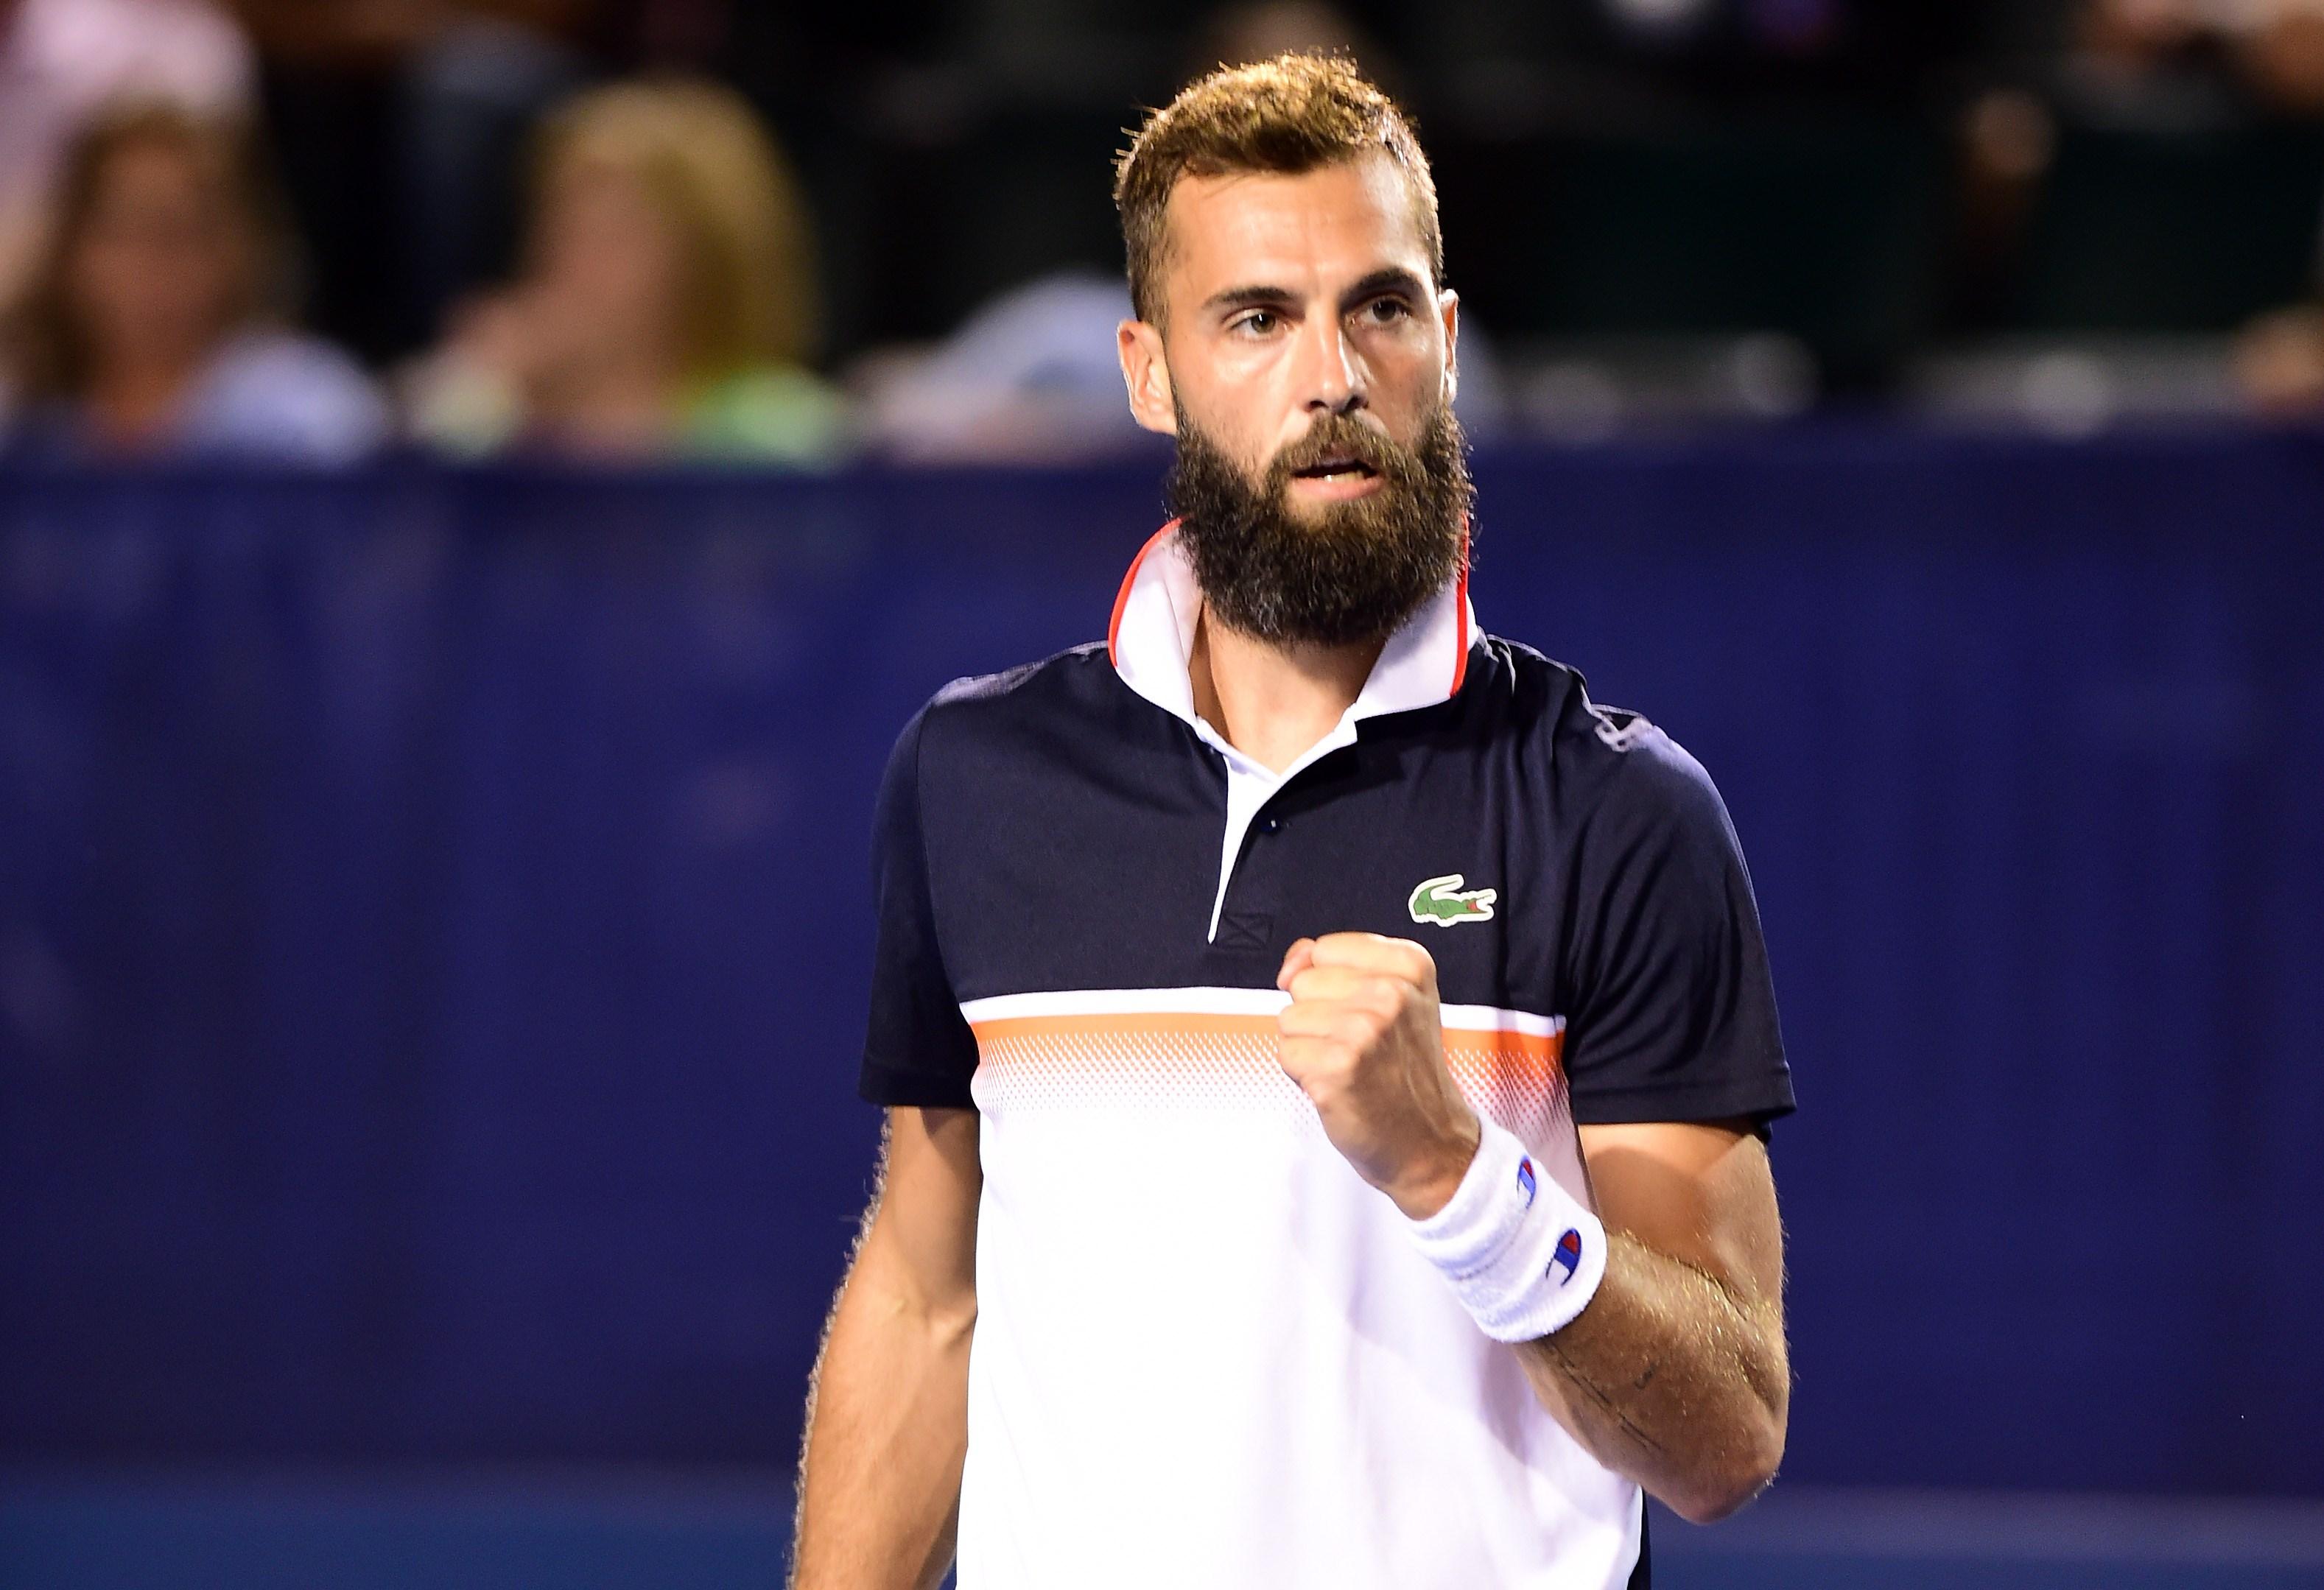 Tennis - ATP - Paire en forme à Winston-Salem avant l'US Open